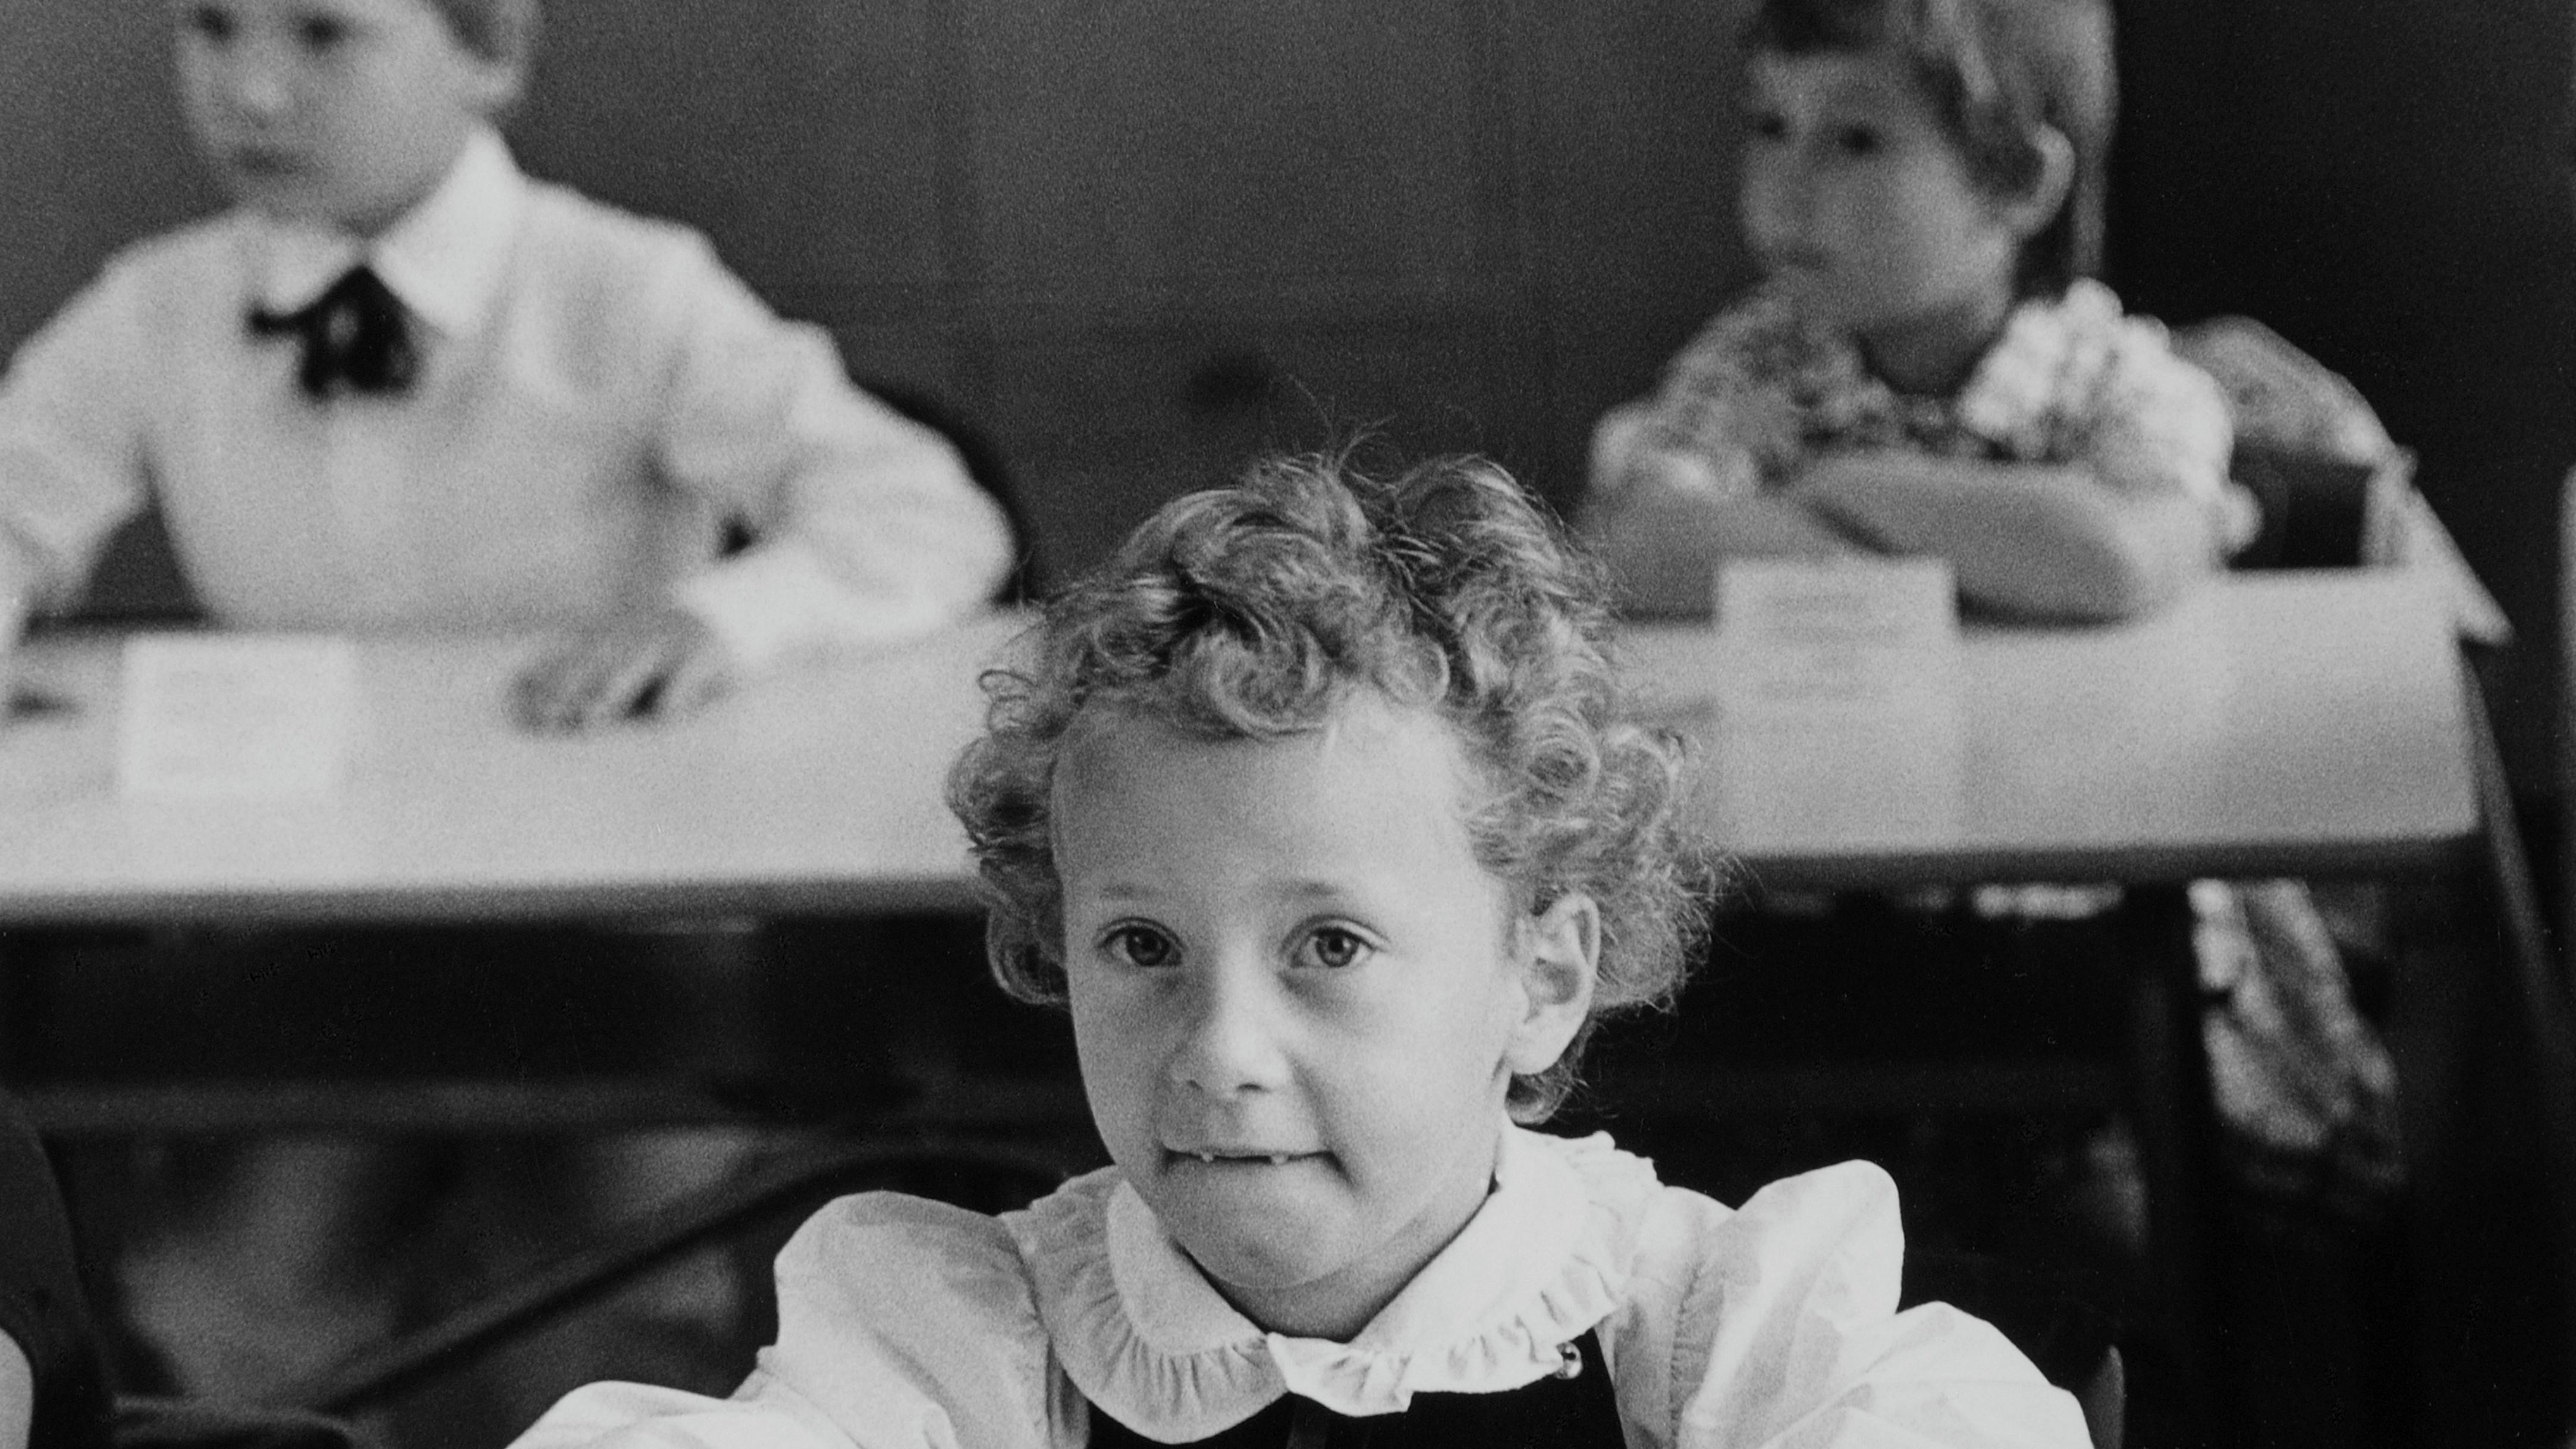 Erster Schultag in der DDR, etwa 1984